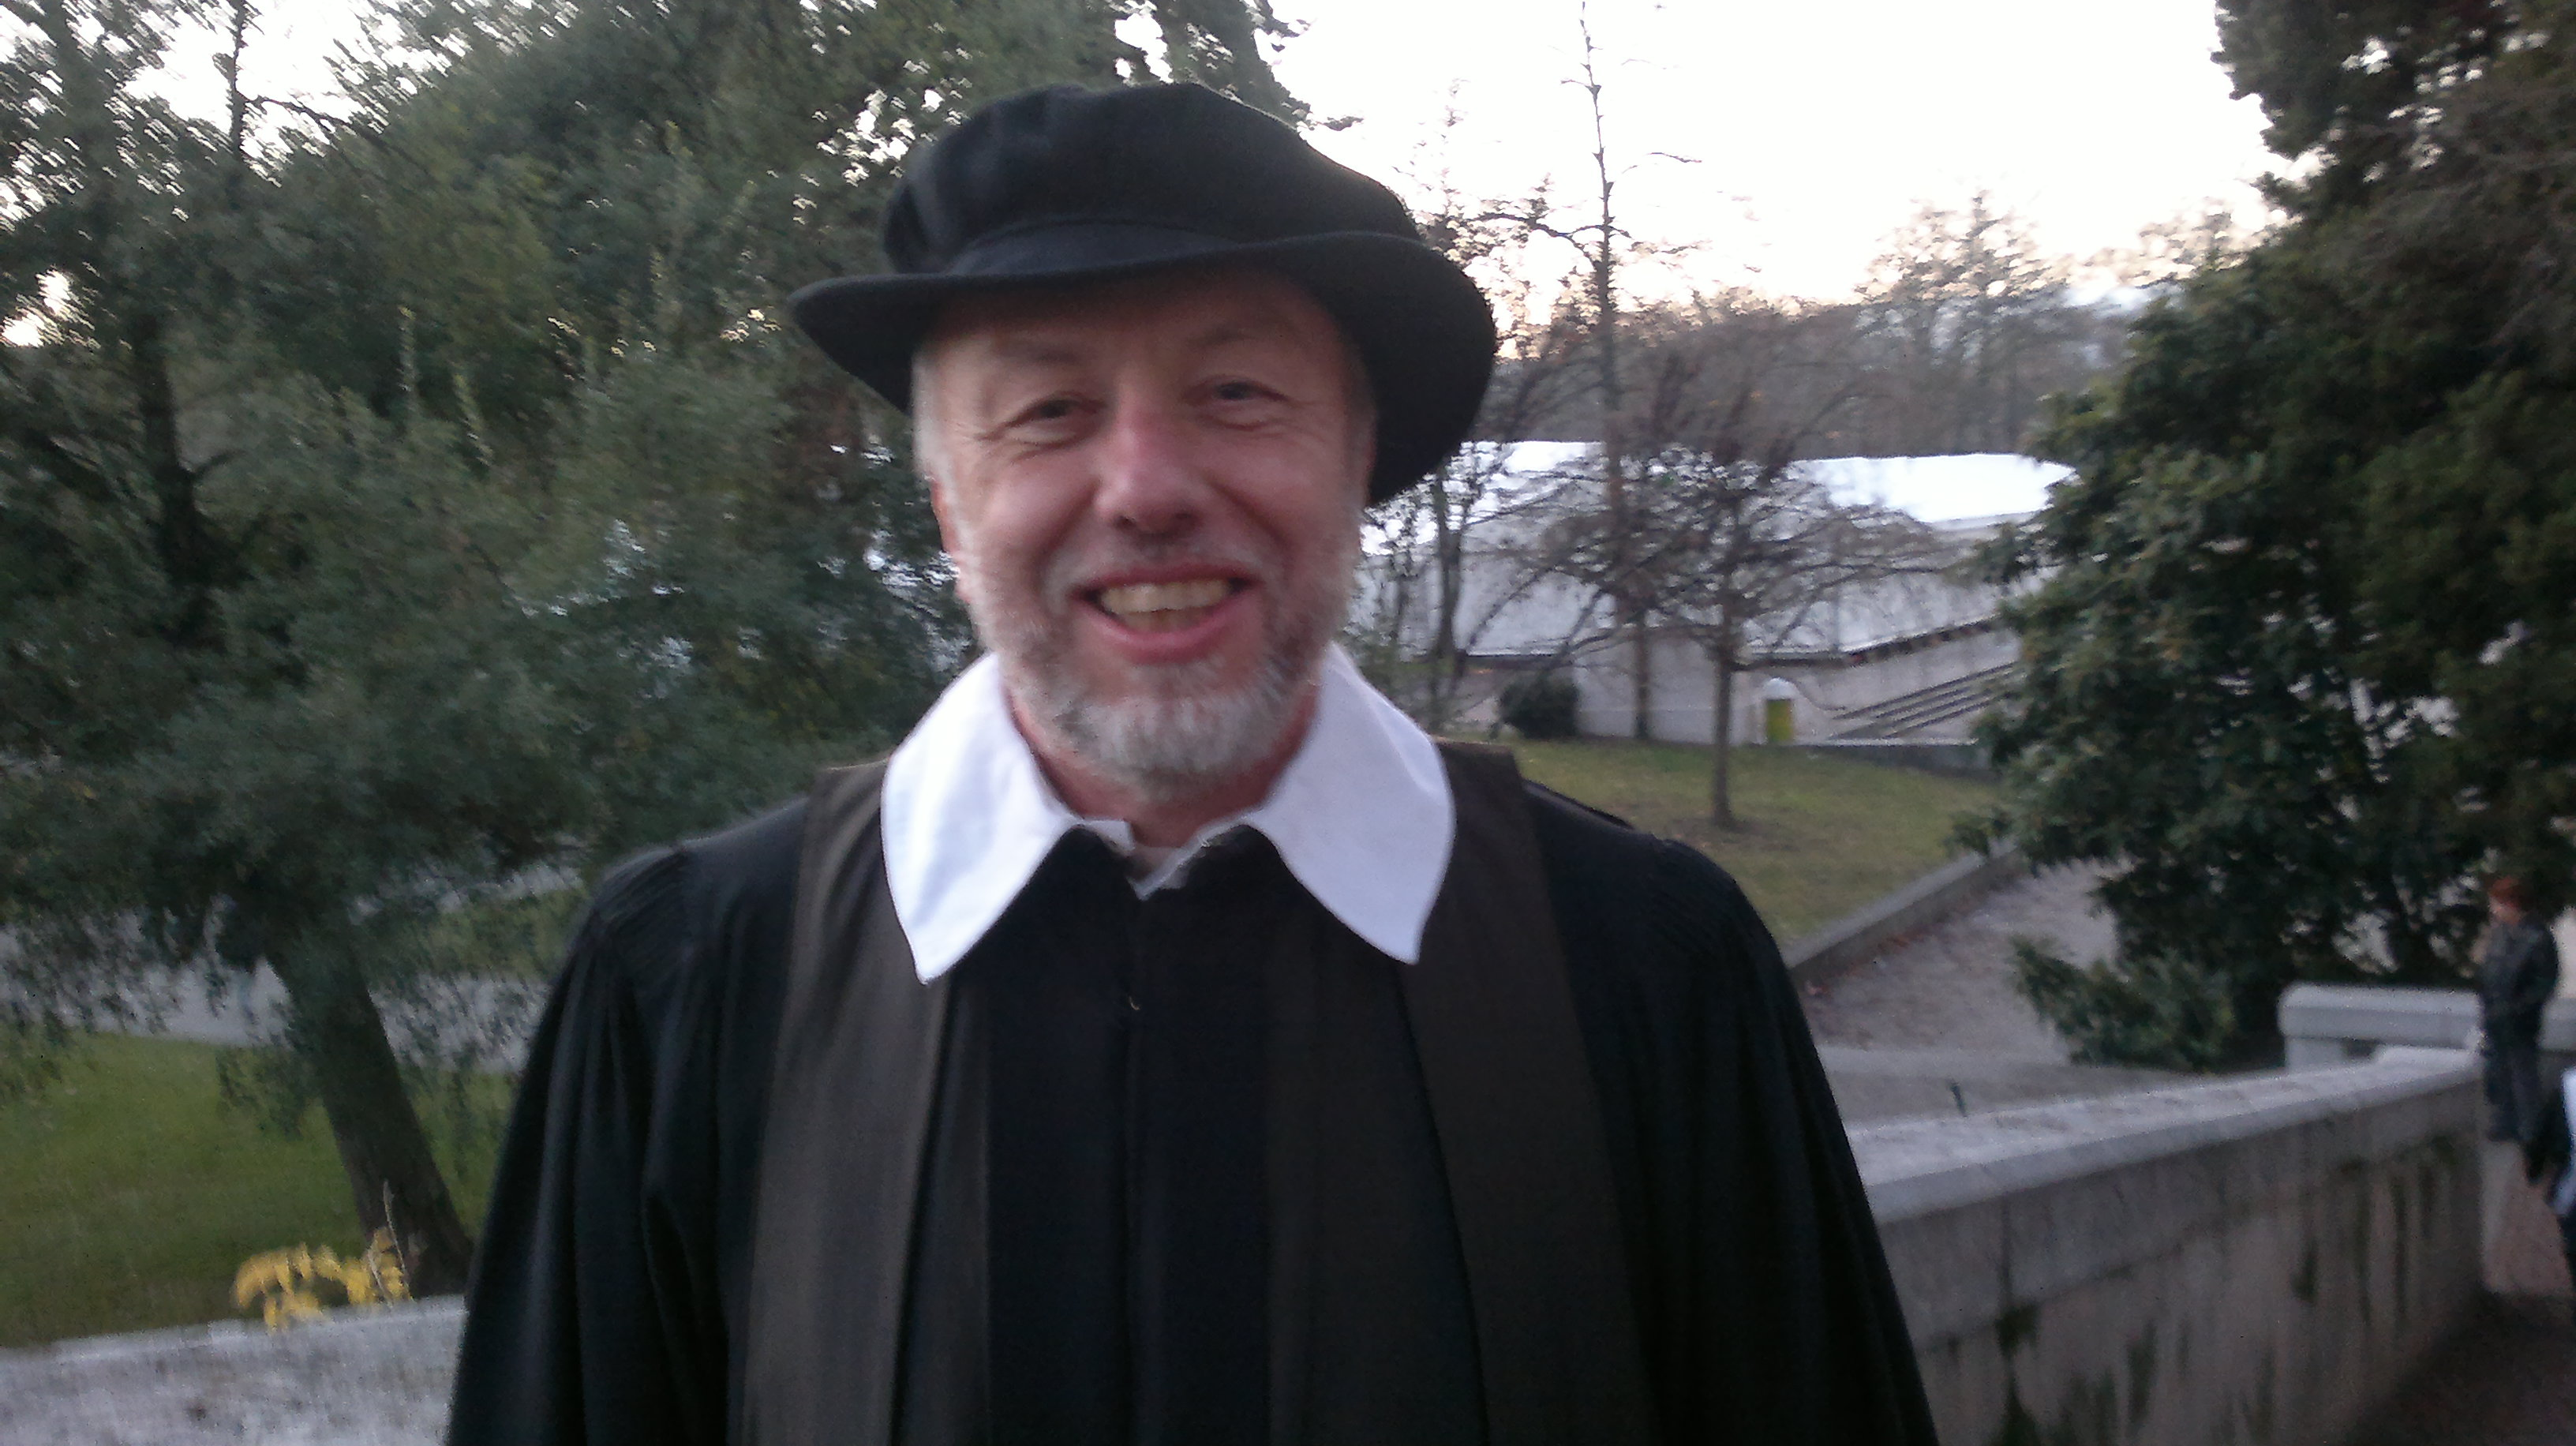 Pierre Baertschi, un Carougeois dans le cortège de l'Escalade. © Maryelle Budry